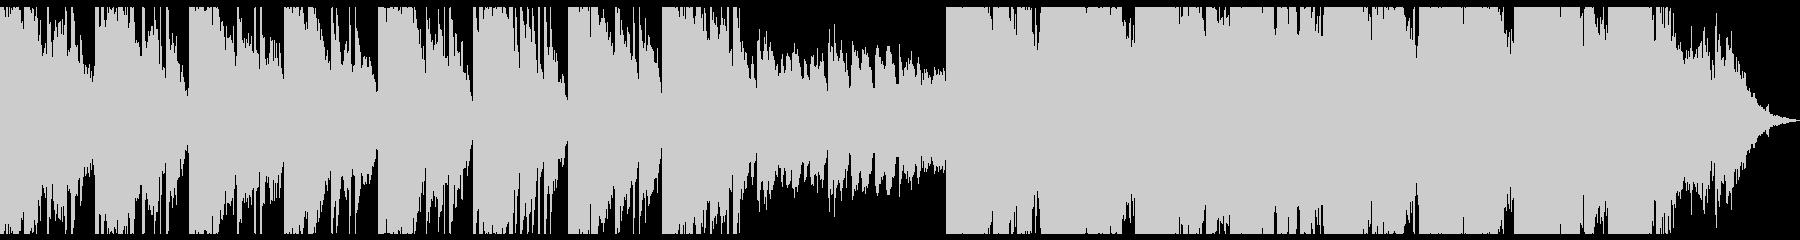 エレクトリックでかわいいメロのBGMの未再生の波形